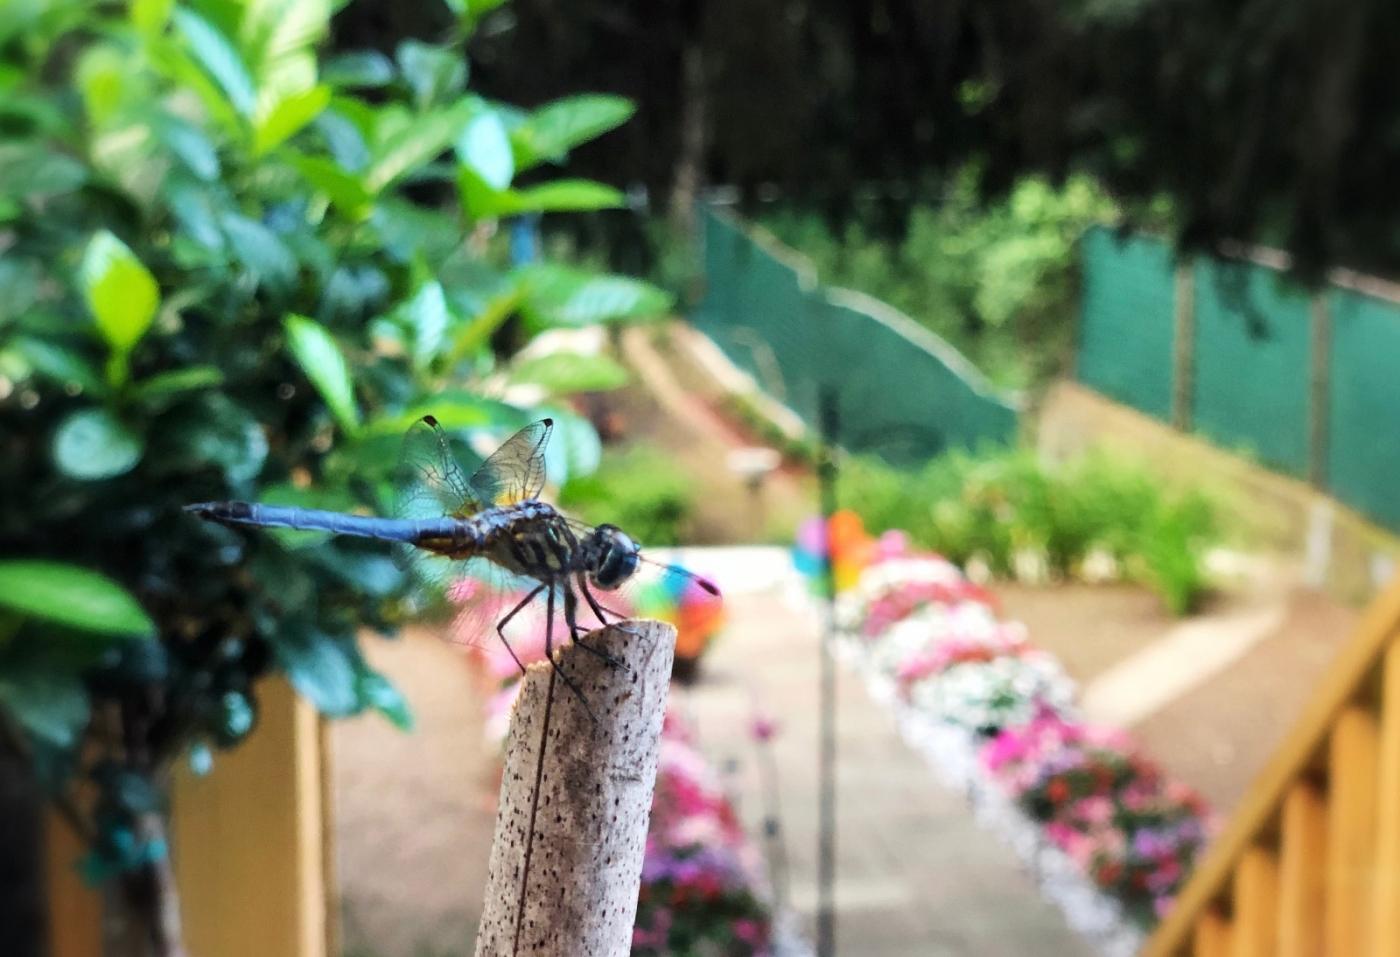 【田螺摄影】院子里的蜻蜓_图1-10